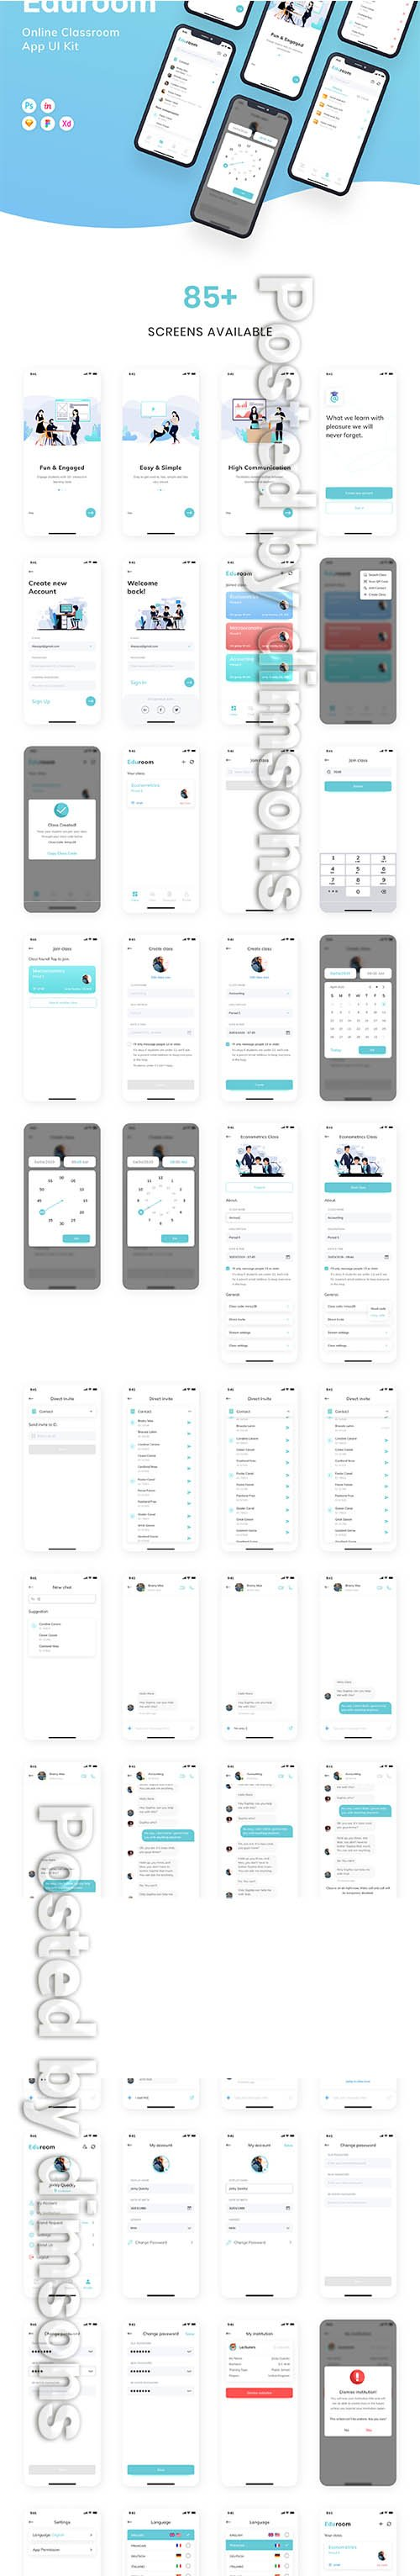 EduRoom - Online Class Room App UI Kit